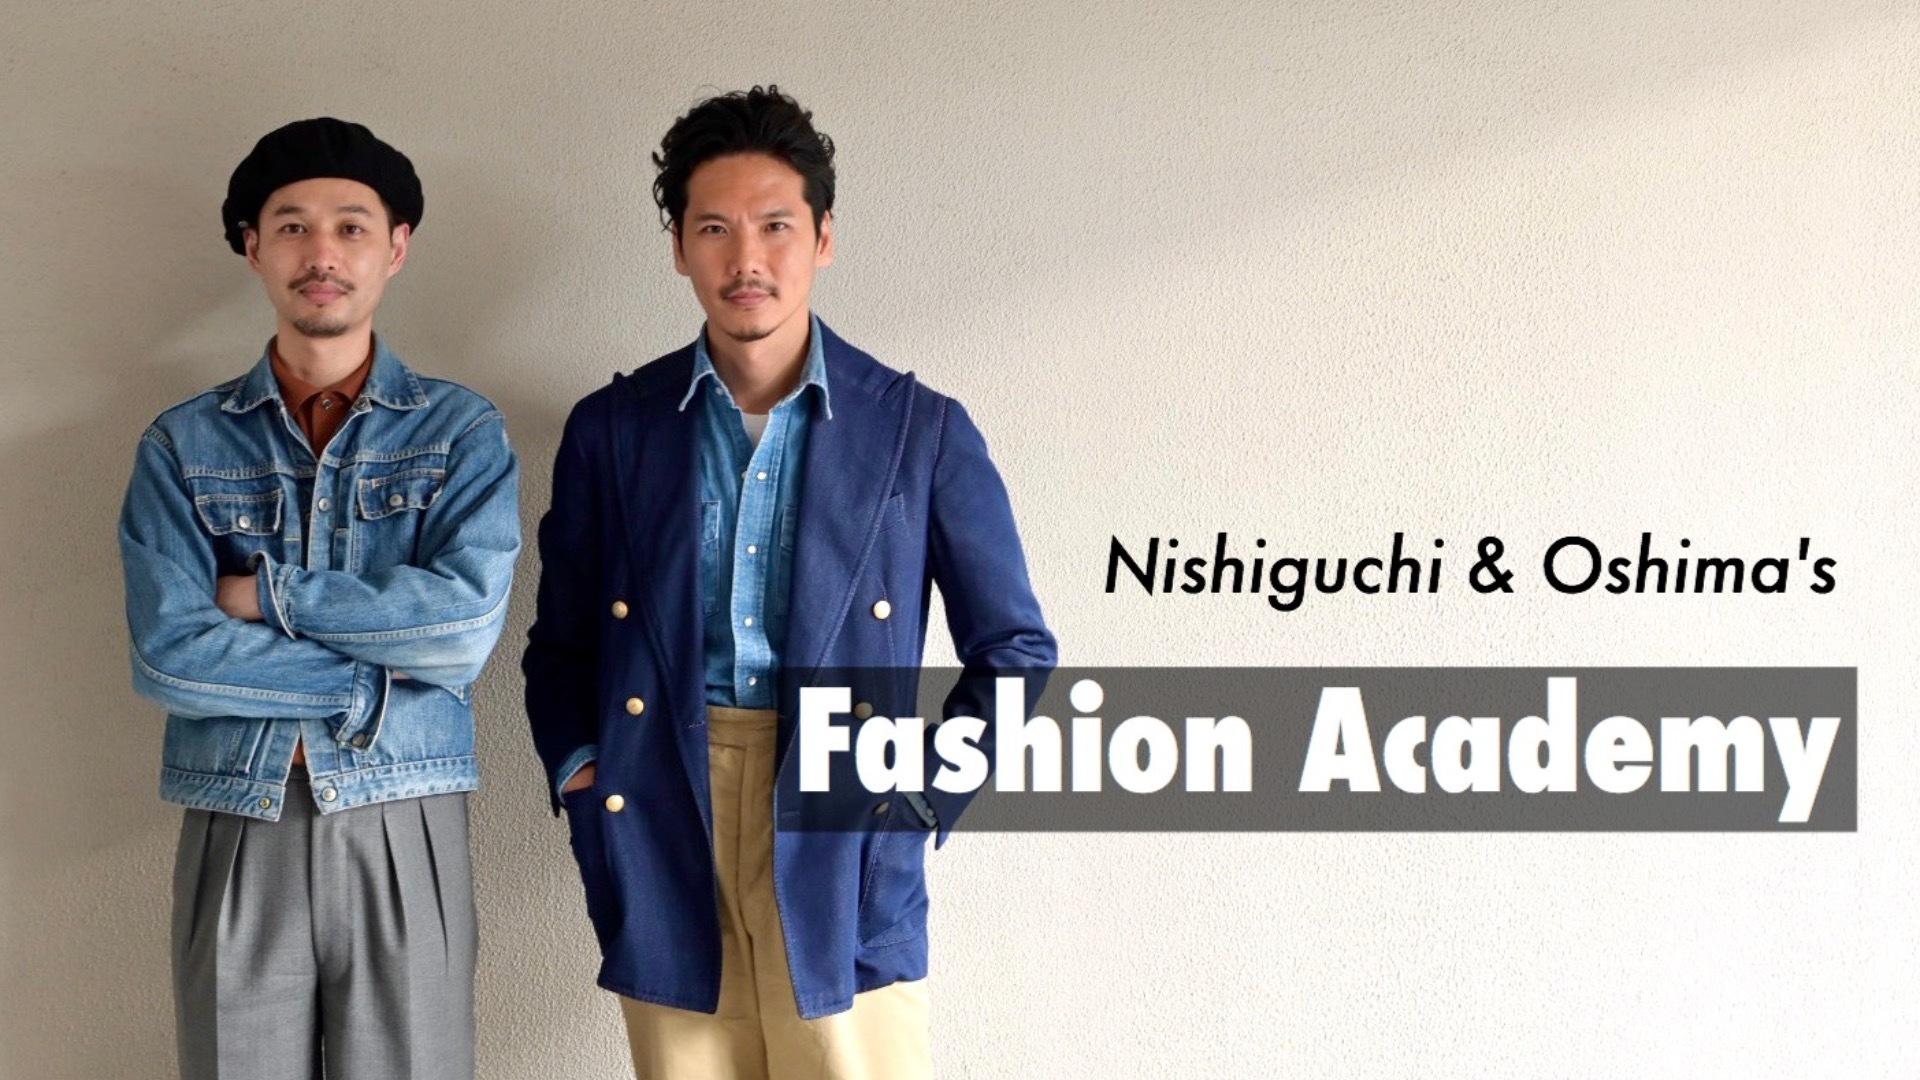 西口・大島のファッションアカデミー